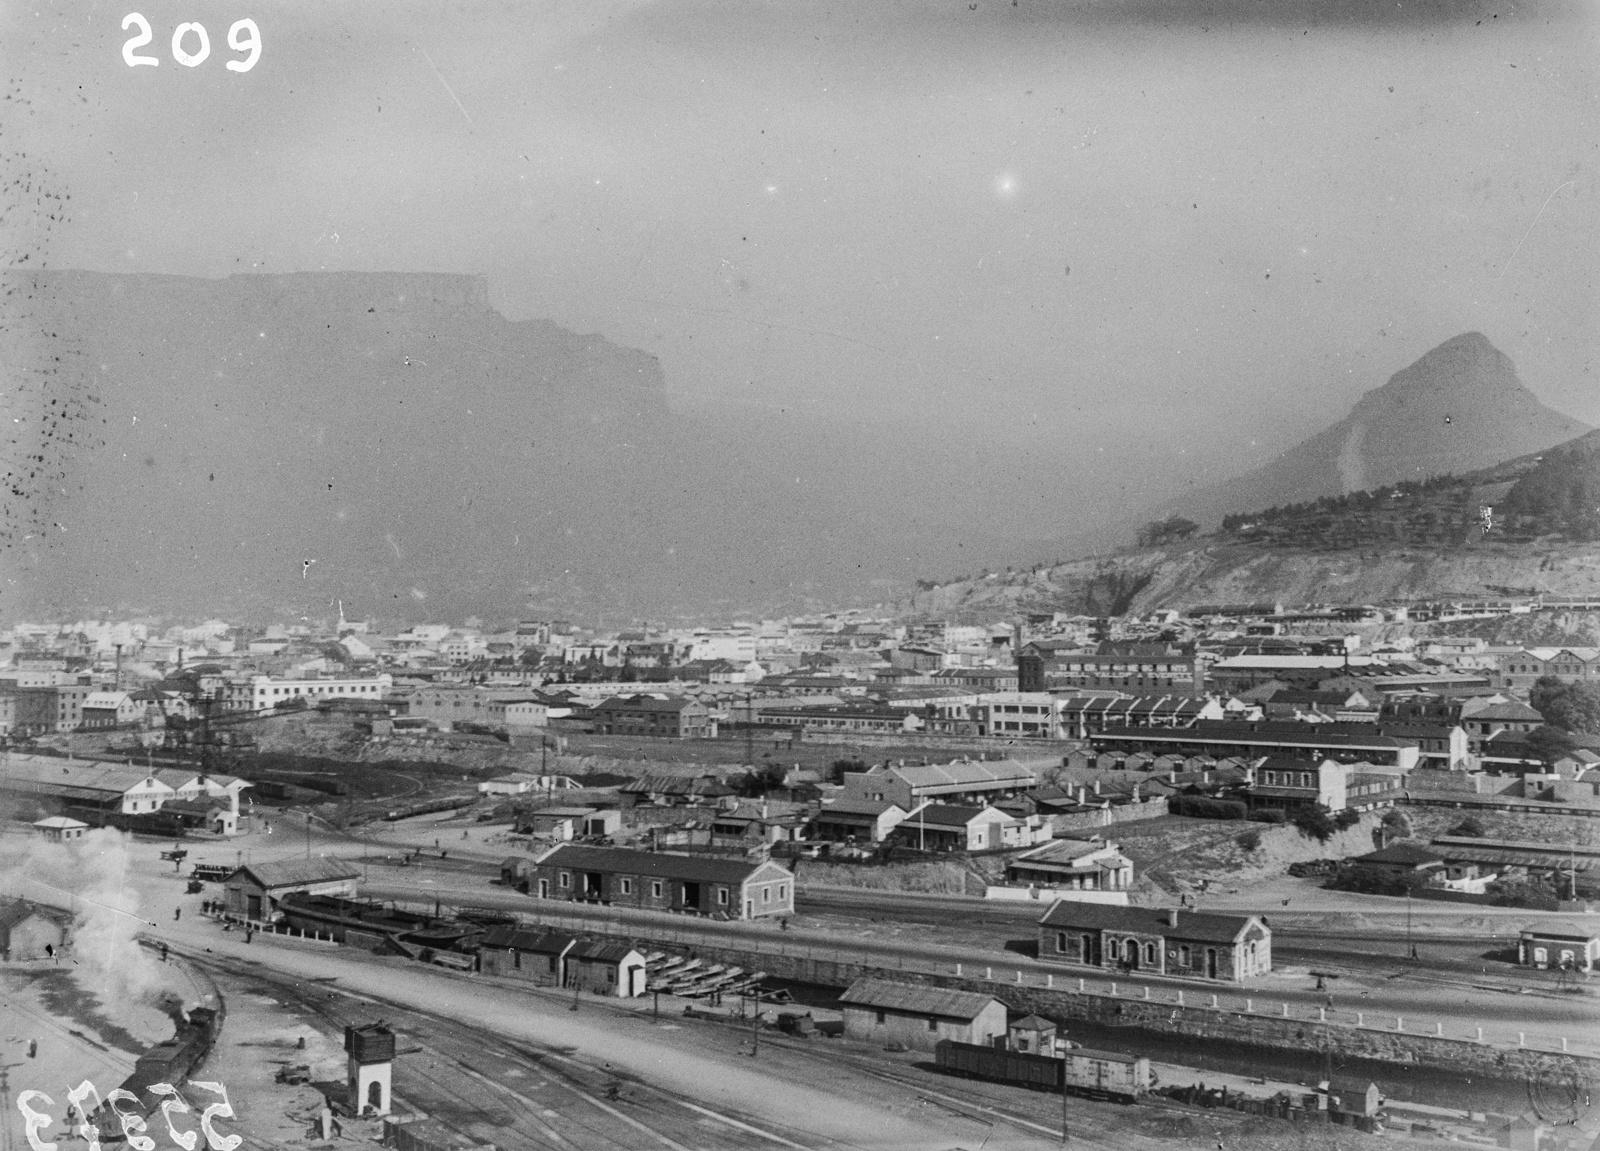 Южно-Африканский Союз. Кейптаун. Городской пейзаж